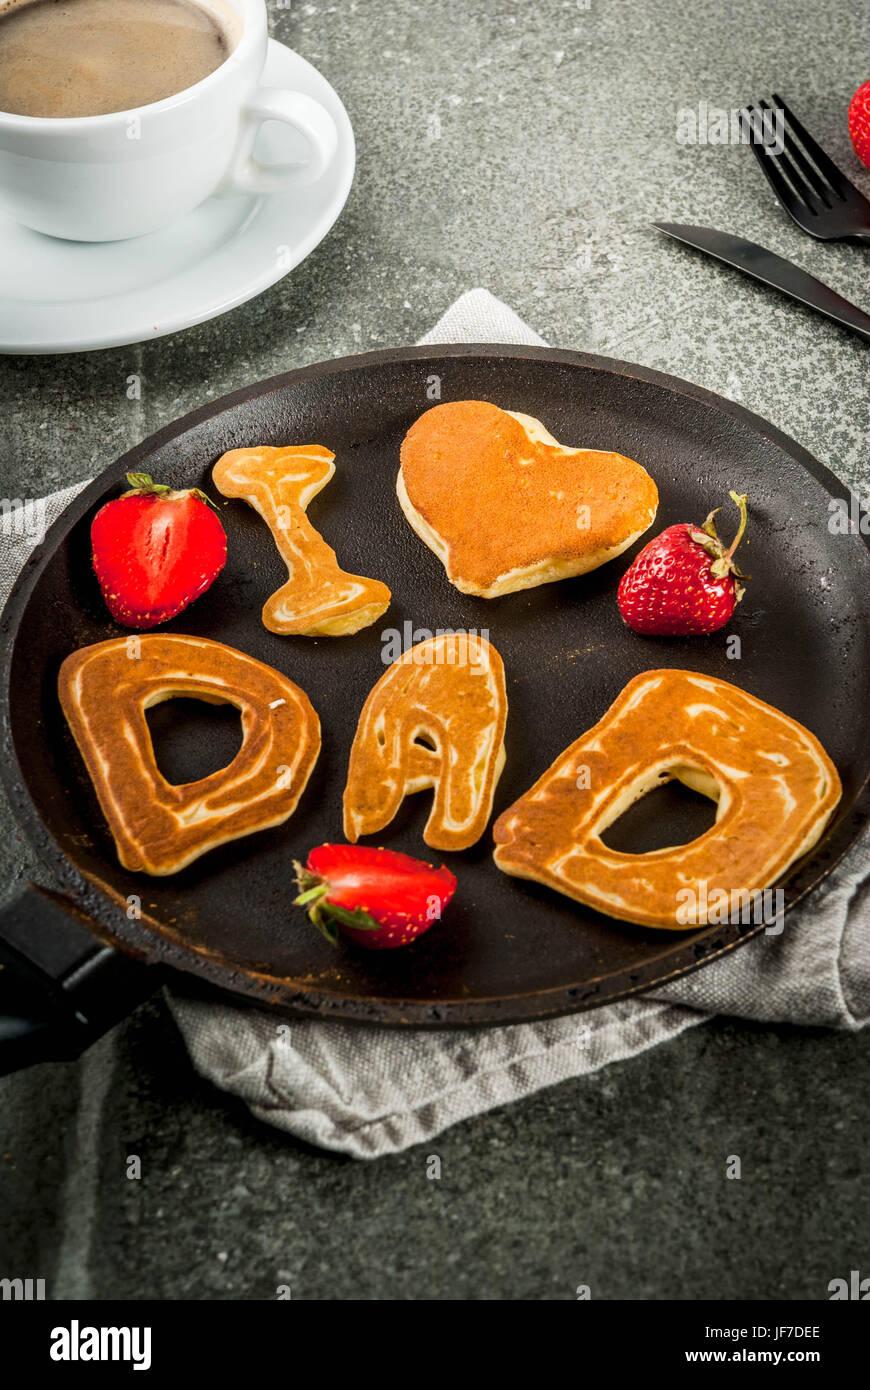 Célèbre la Fête des Pères. Le petit-déjeuner. L'idée d'un copieux et délicieux Photo Stock